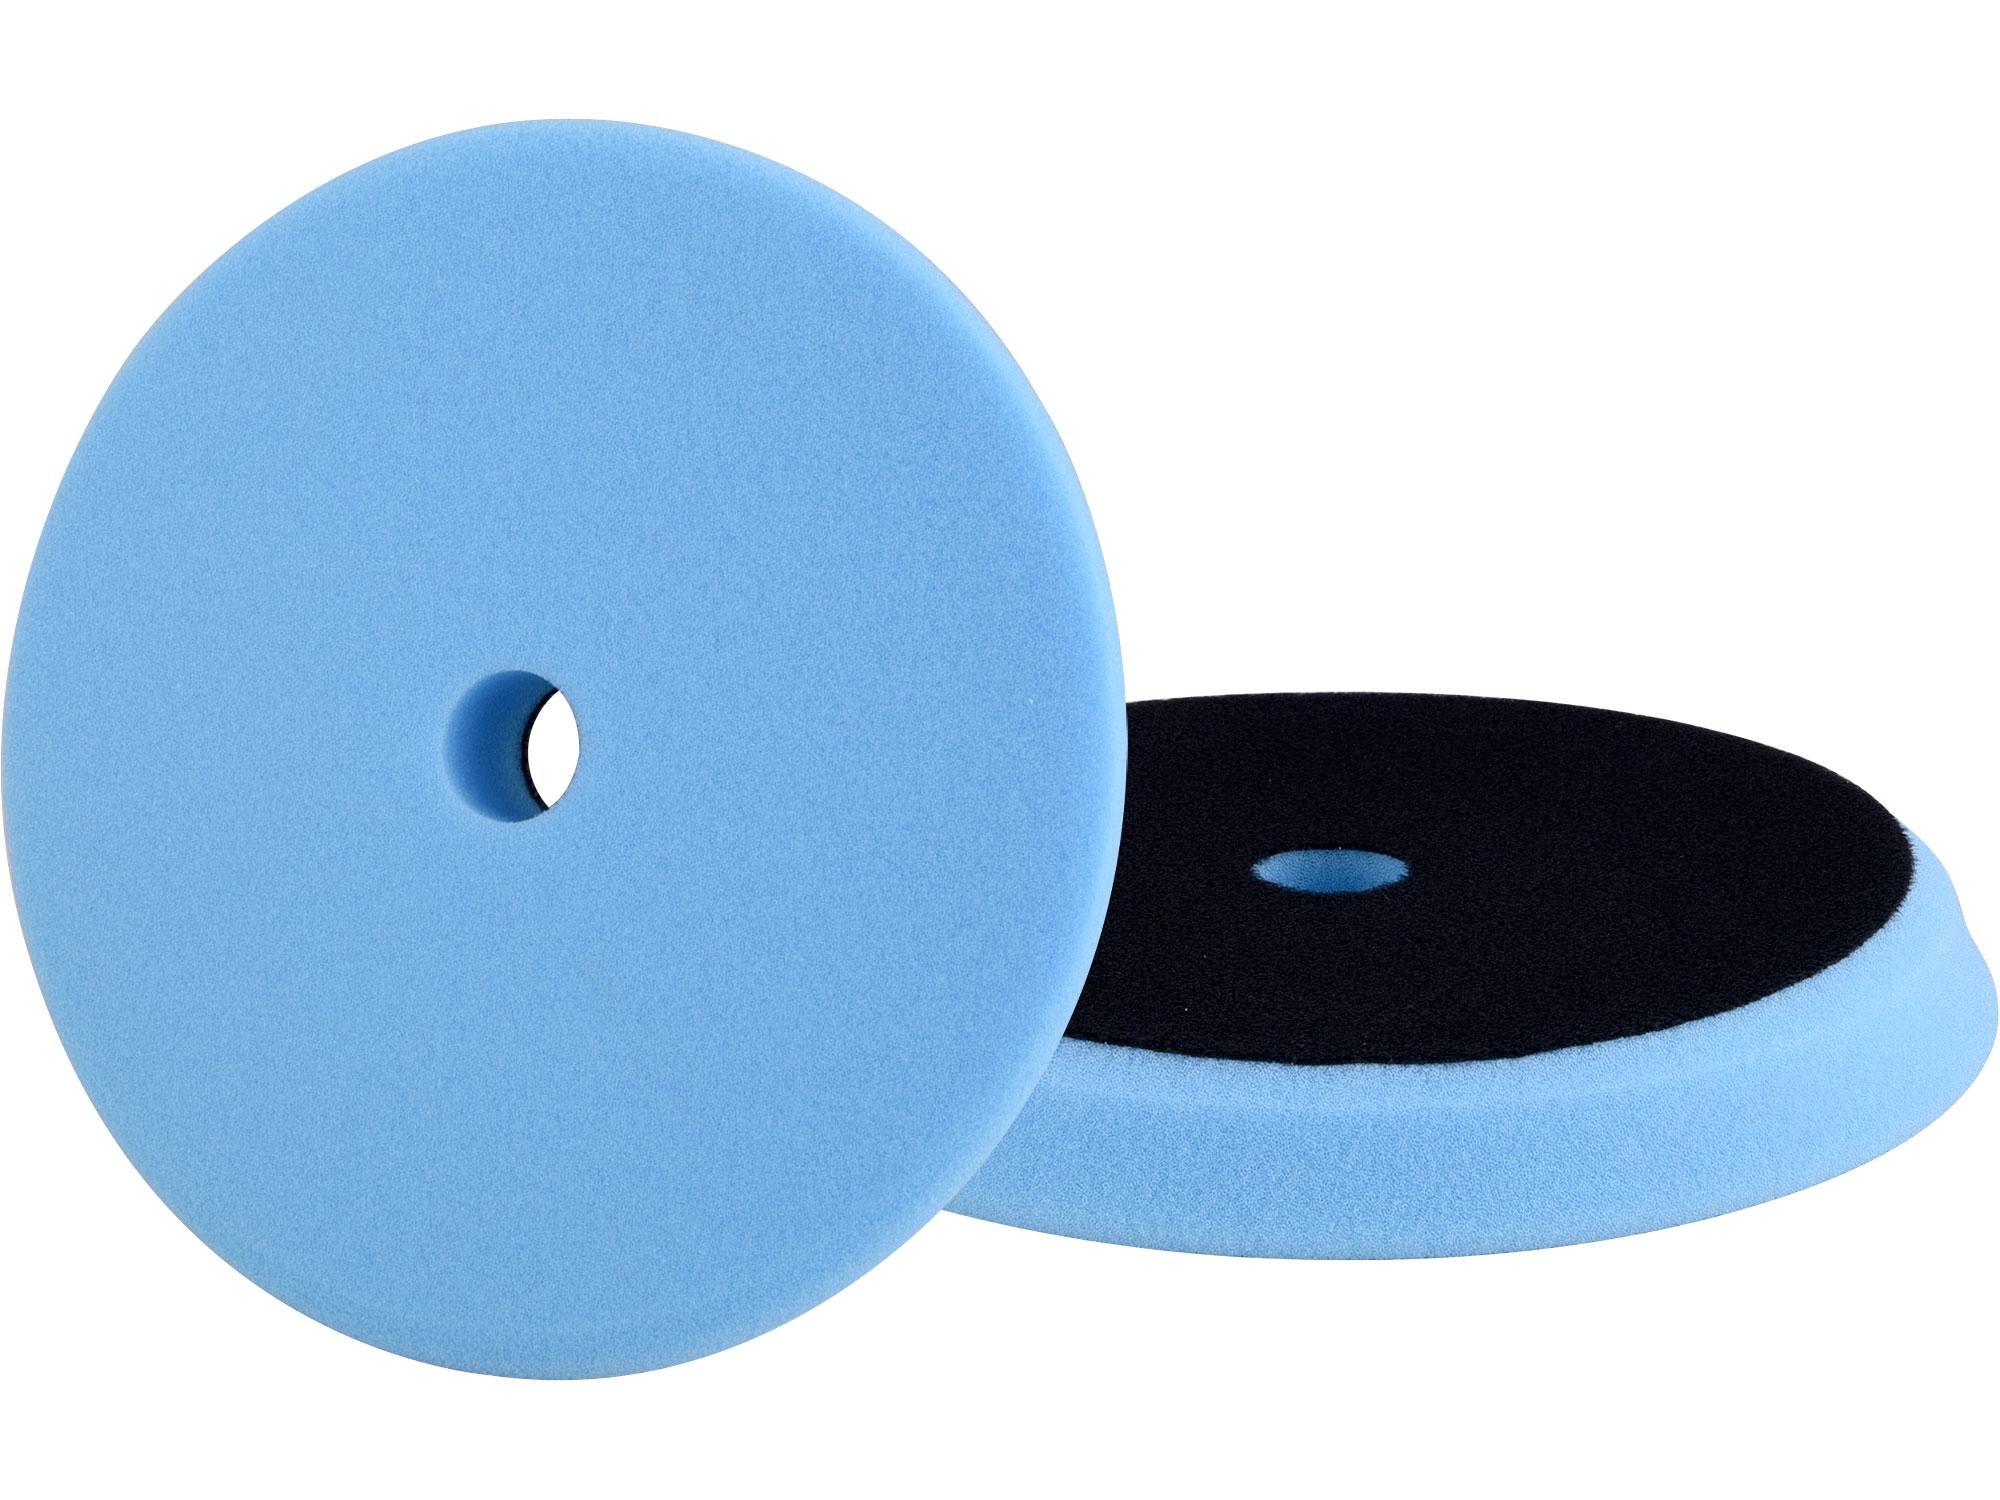 kotouč leštící pěnový, orbitální, T60, modrý, O180x25mm, suchý zip O152mm